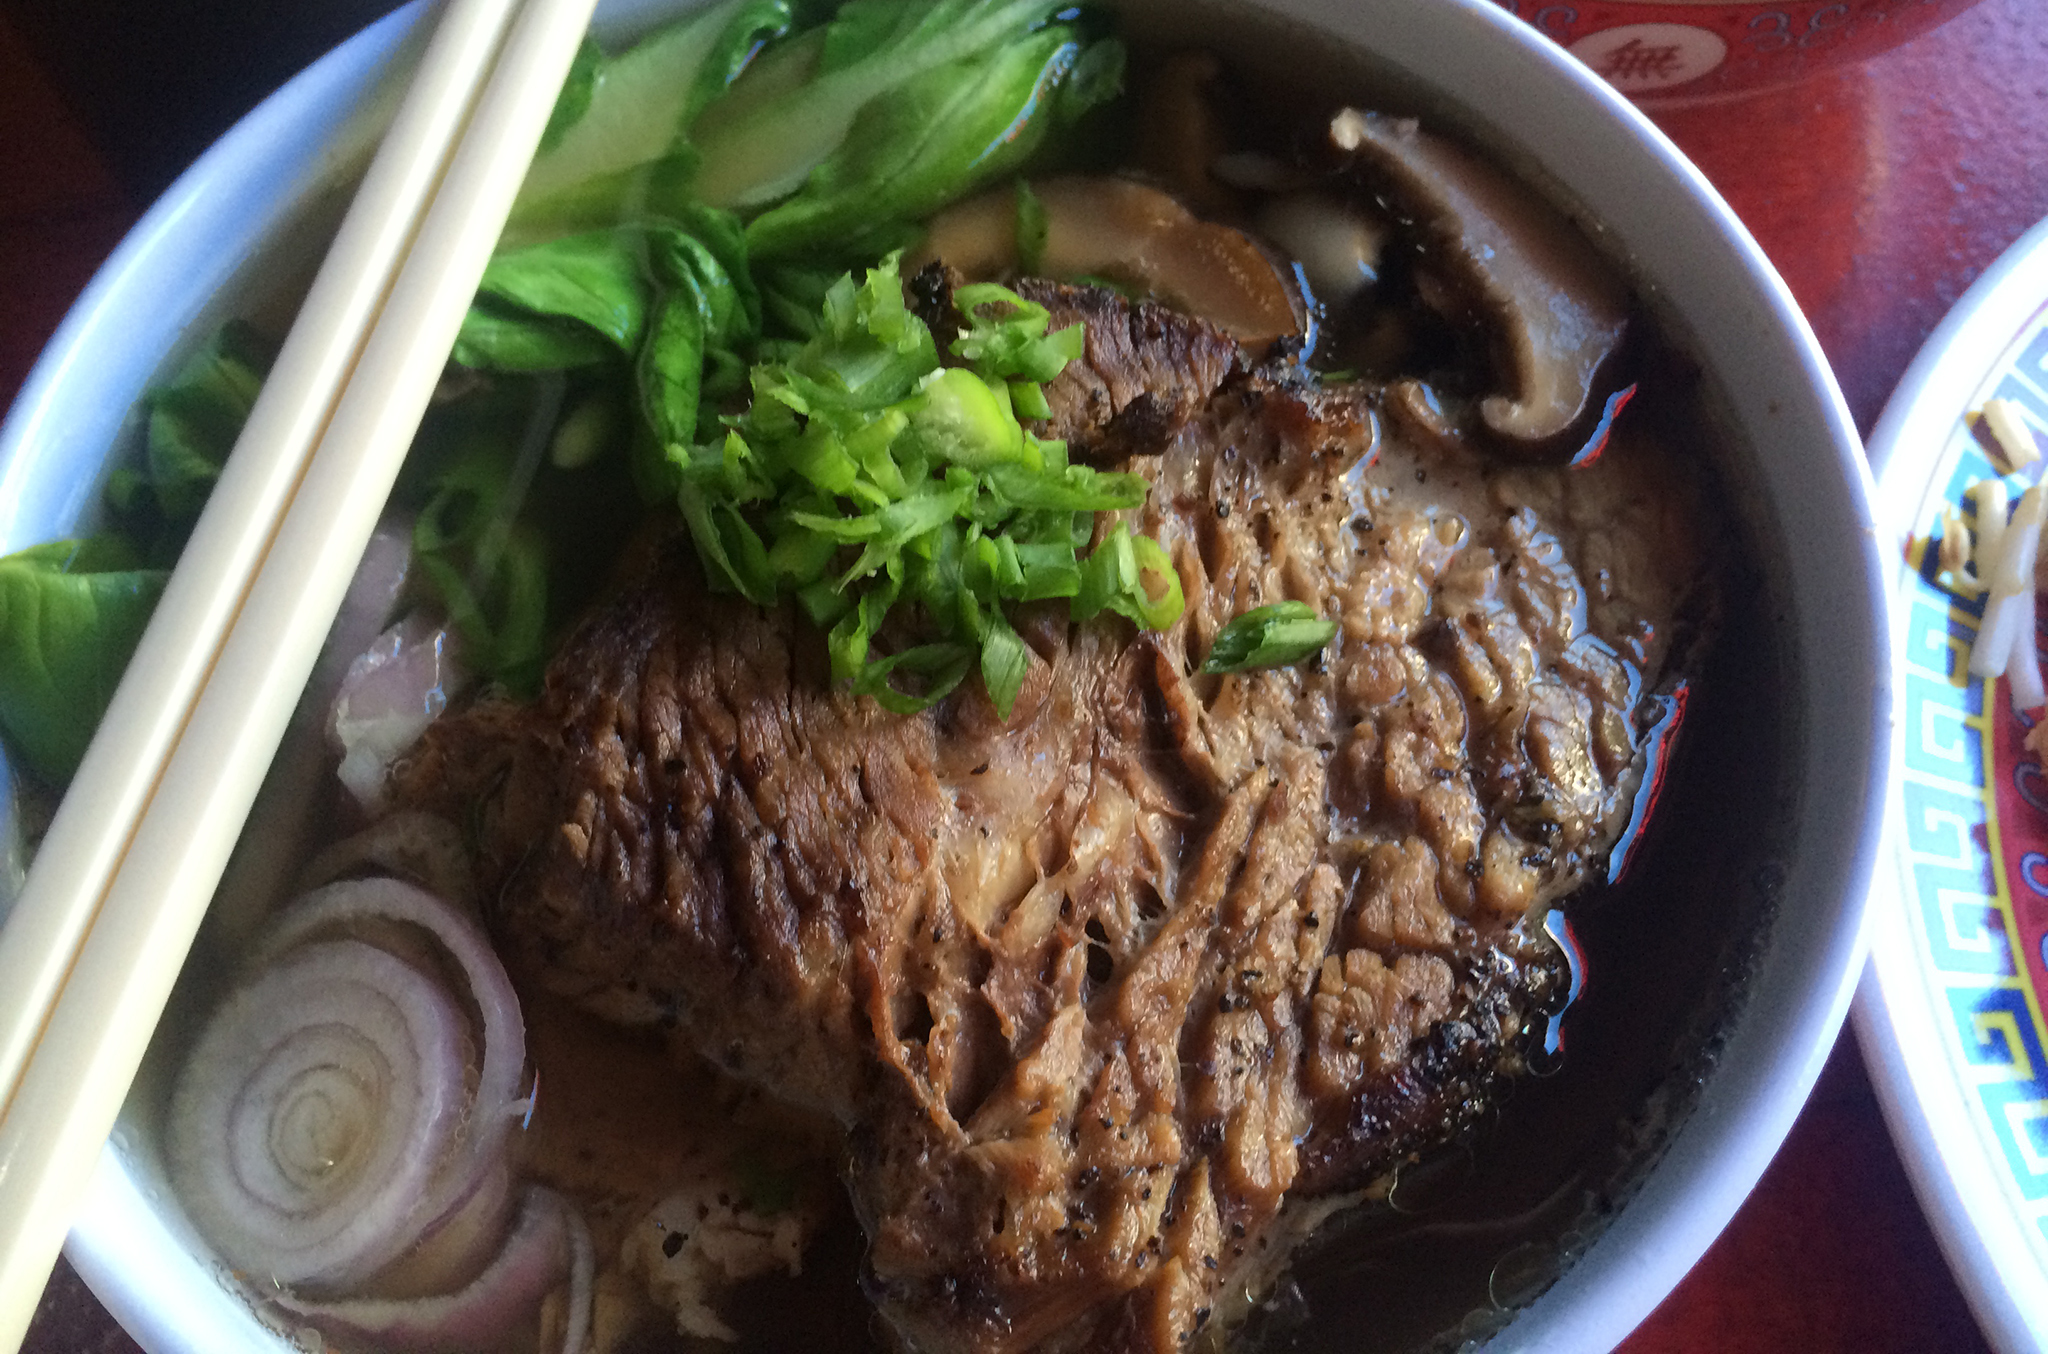 lucys vietnamese kitchen restaurants in bushwick ny - Lucys Vietnamese Kitchen